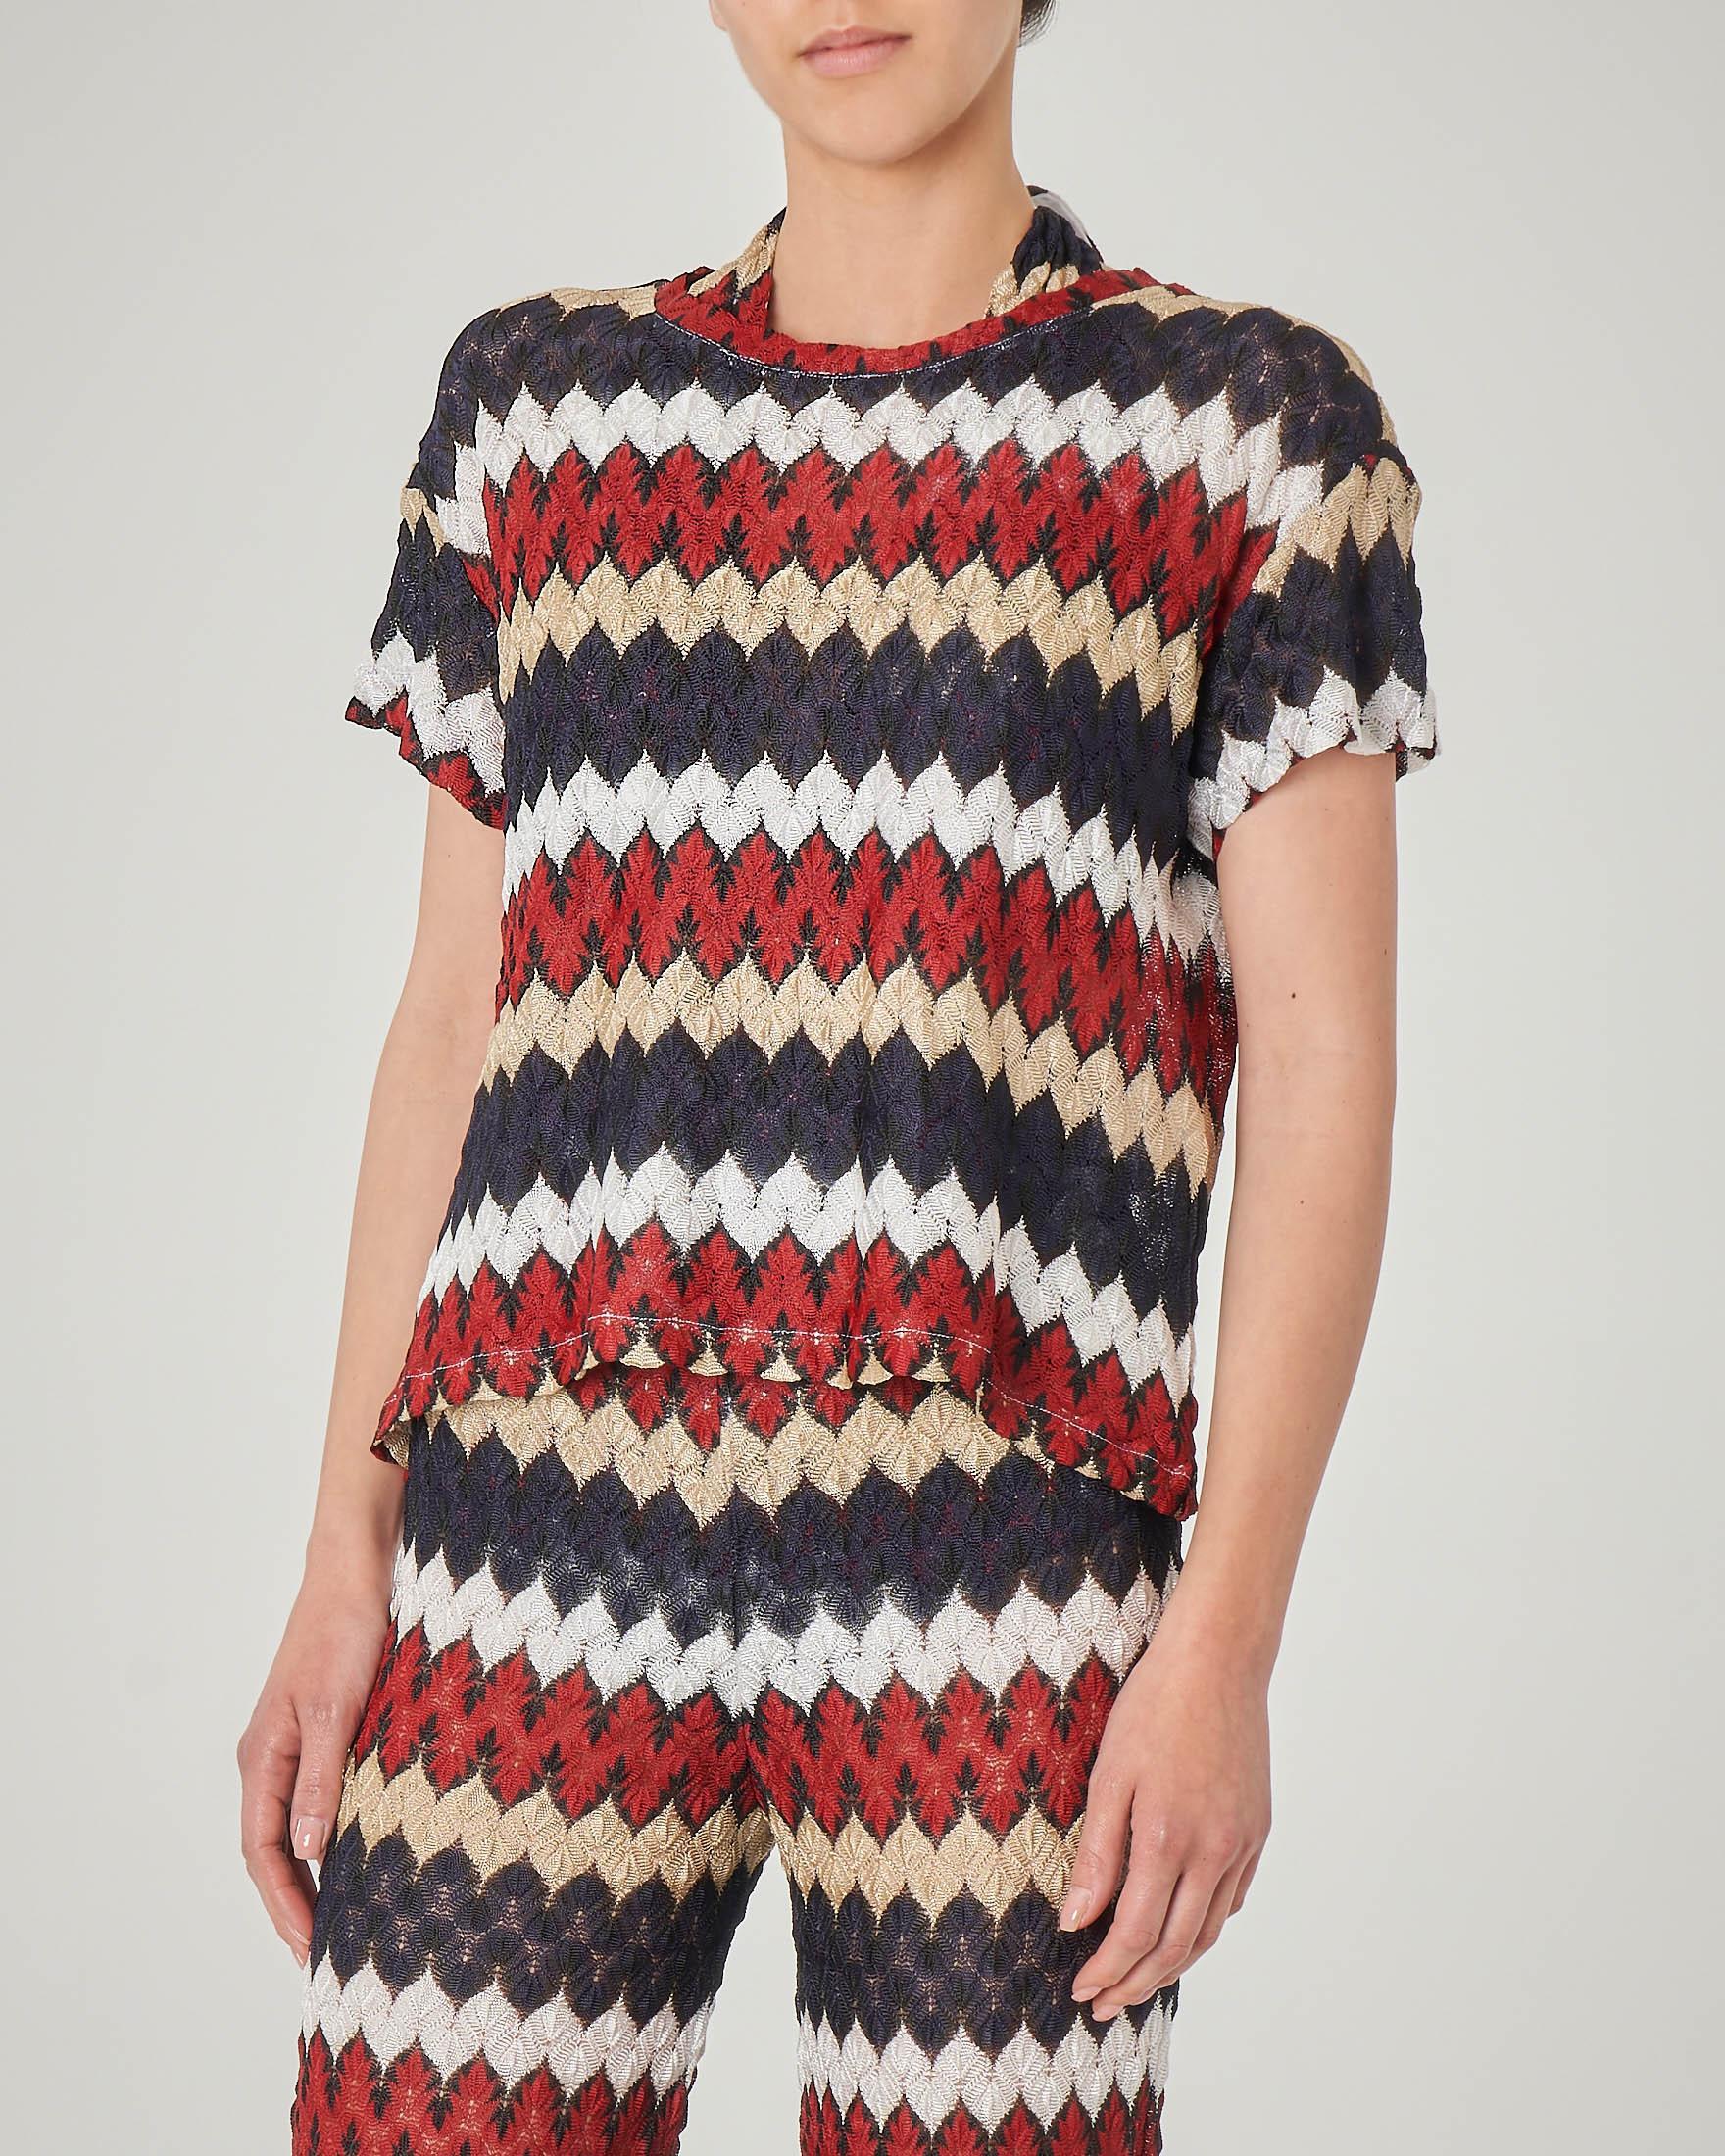 Maglia a righe multicolor in tessuto a maglia con maniche corte